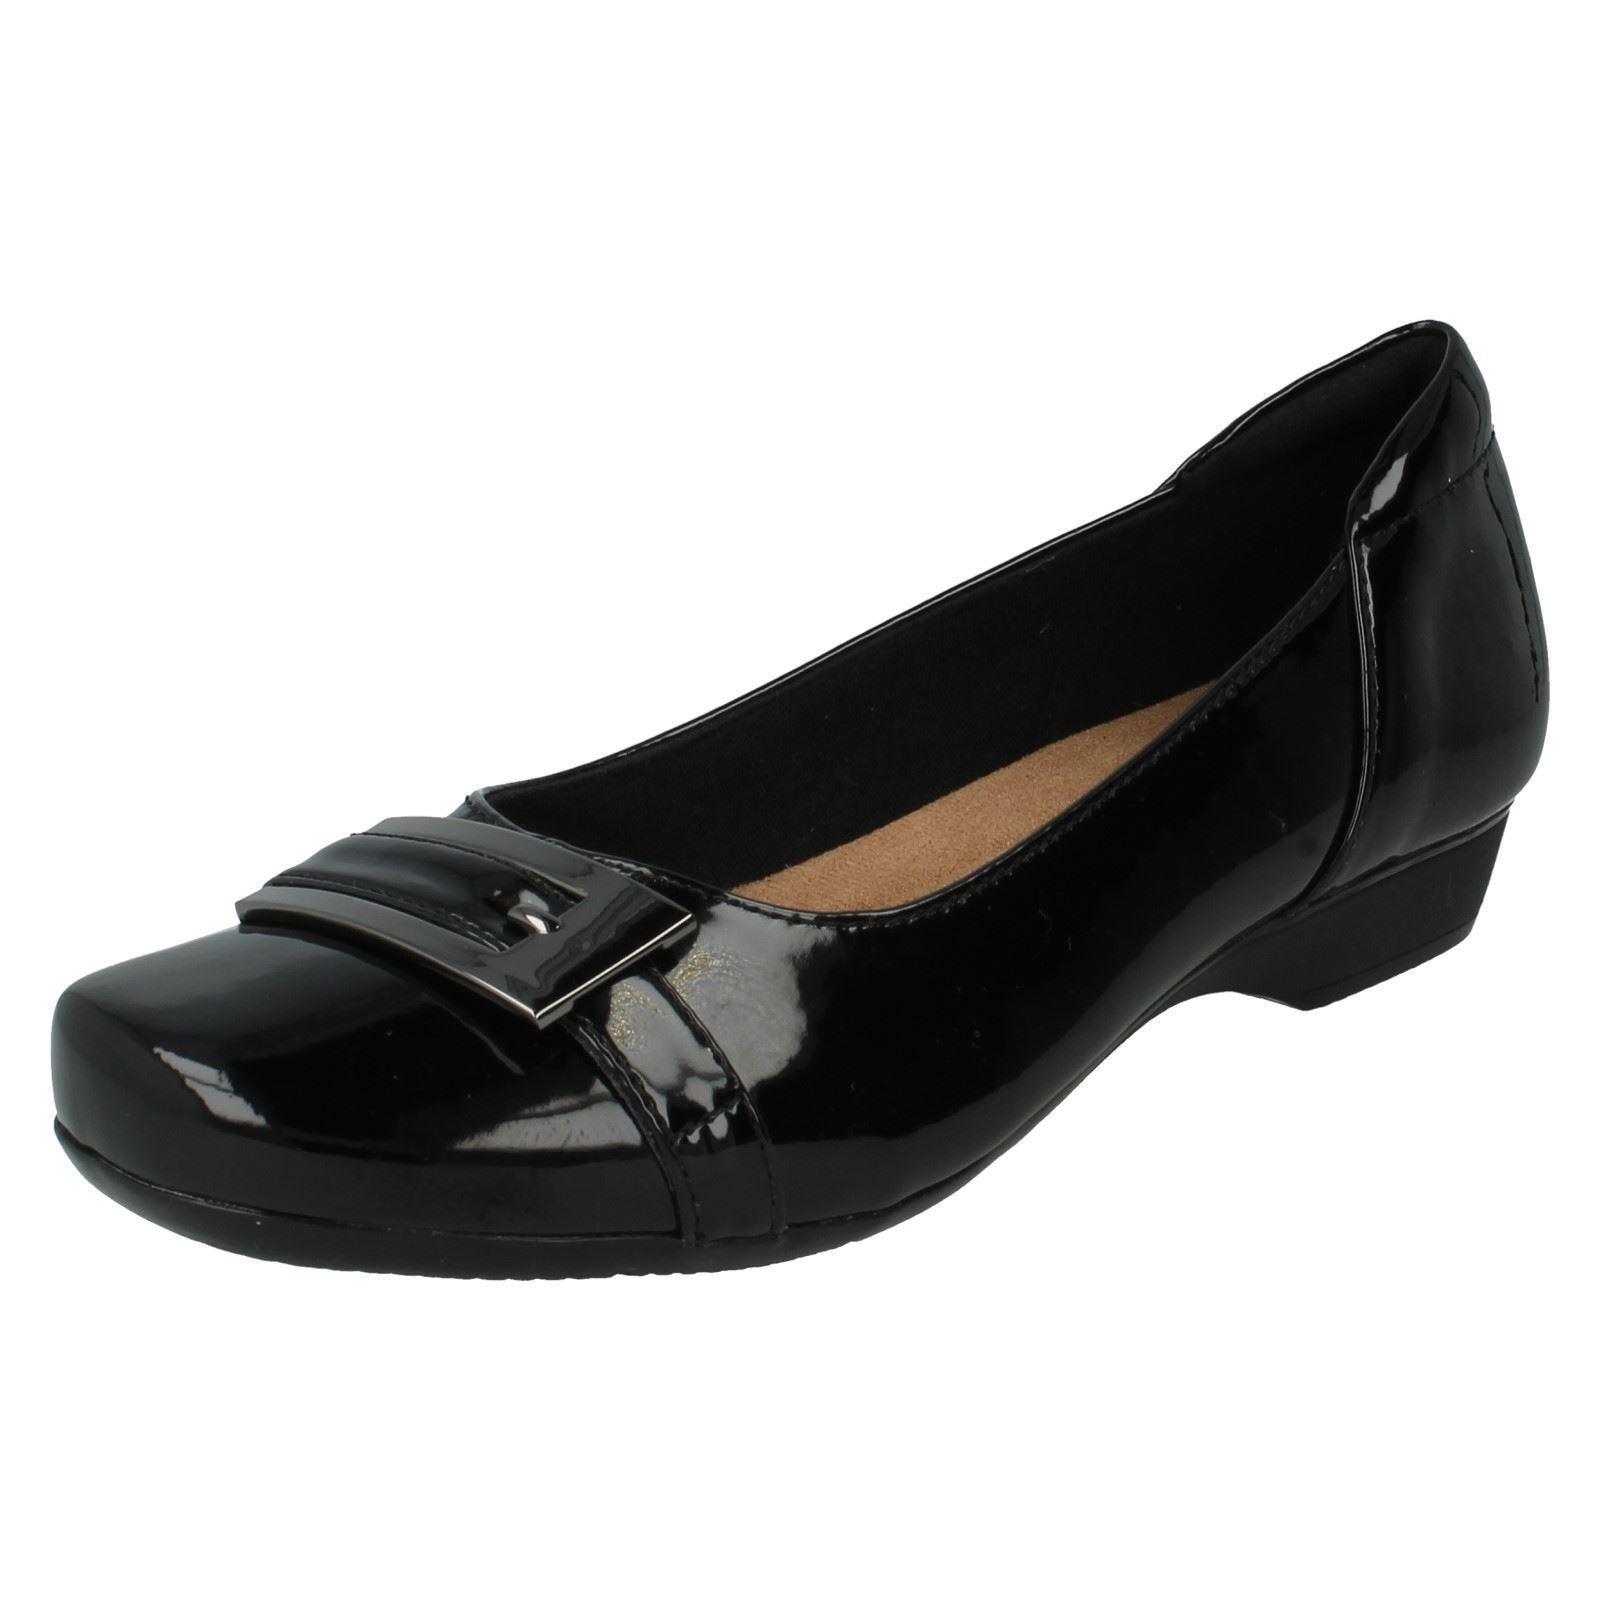 Clarks 'Blanche Westen' Damen schwarz Leder Lack Slipper 3cm Absatz Schuhe